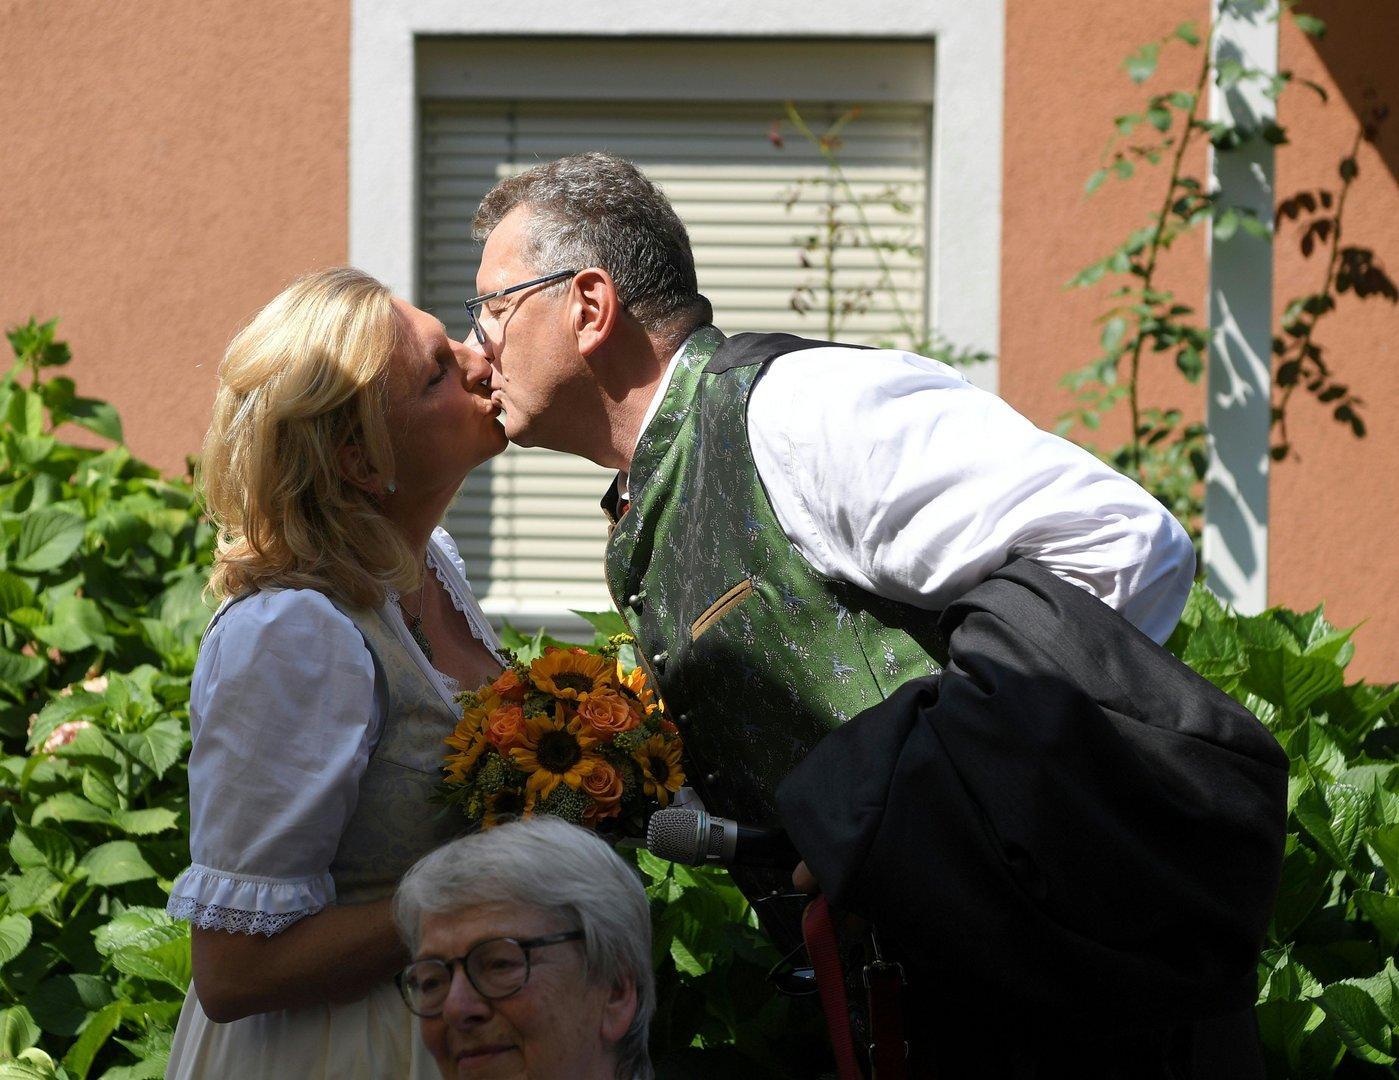 Hochzeit von Karin Kneissl: Die ersten Bilder aus Gamlitz